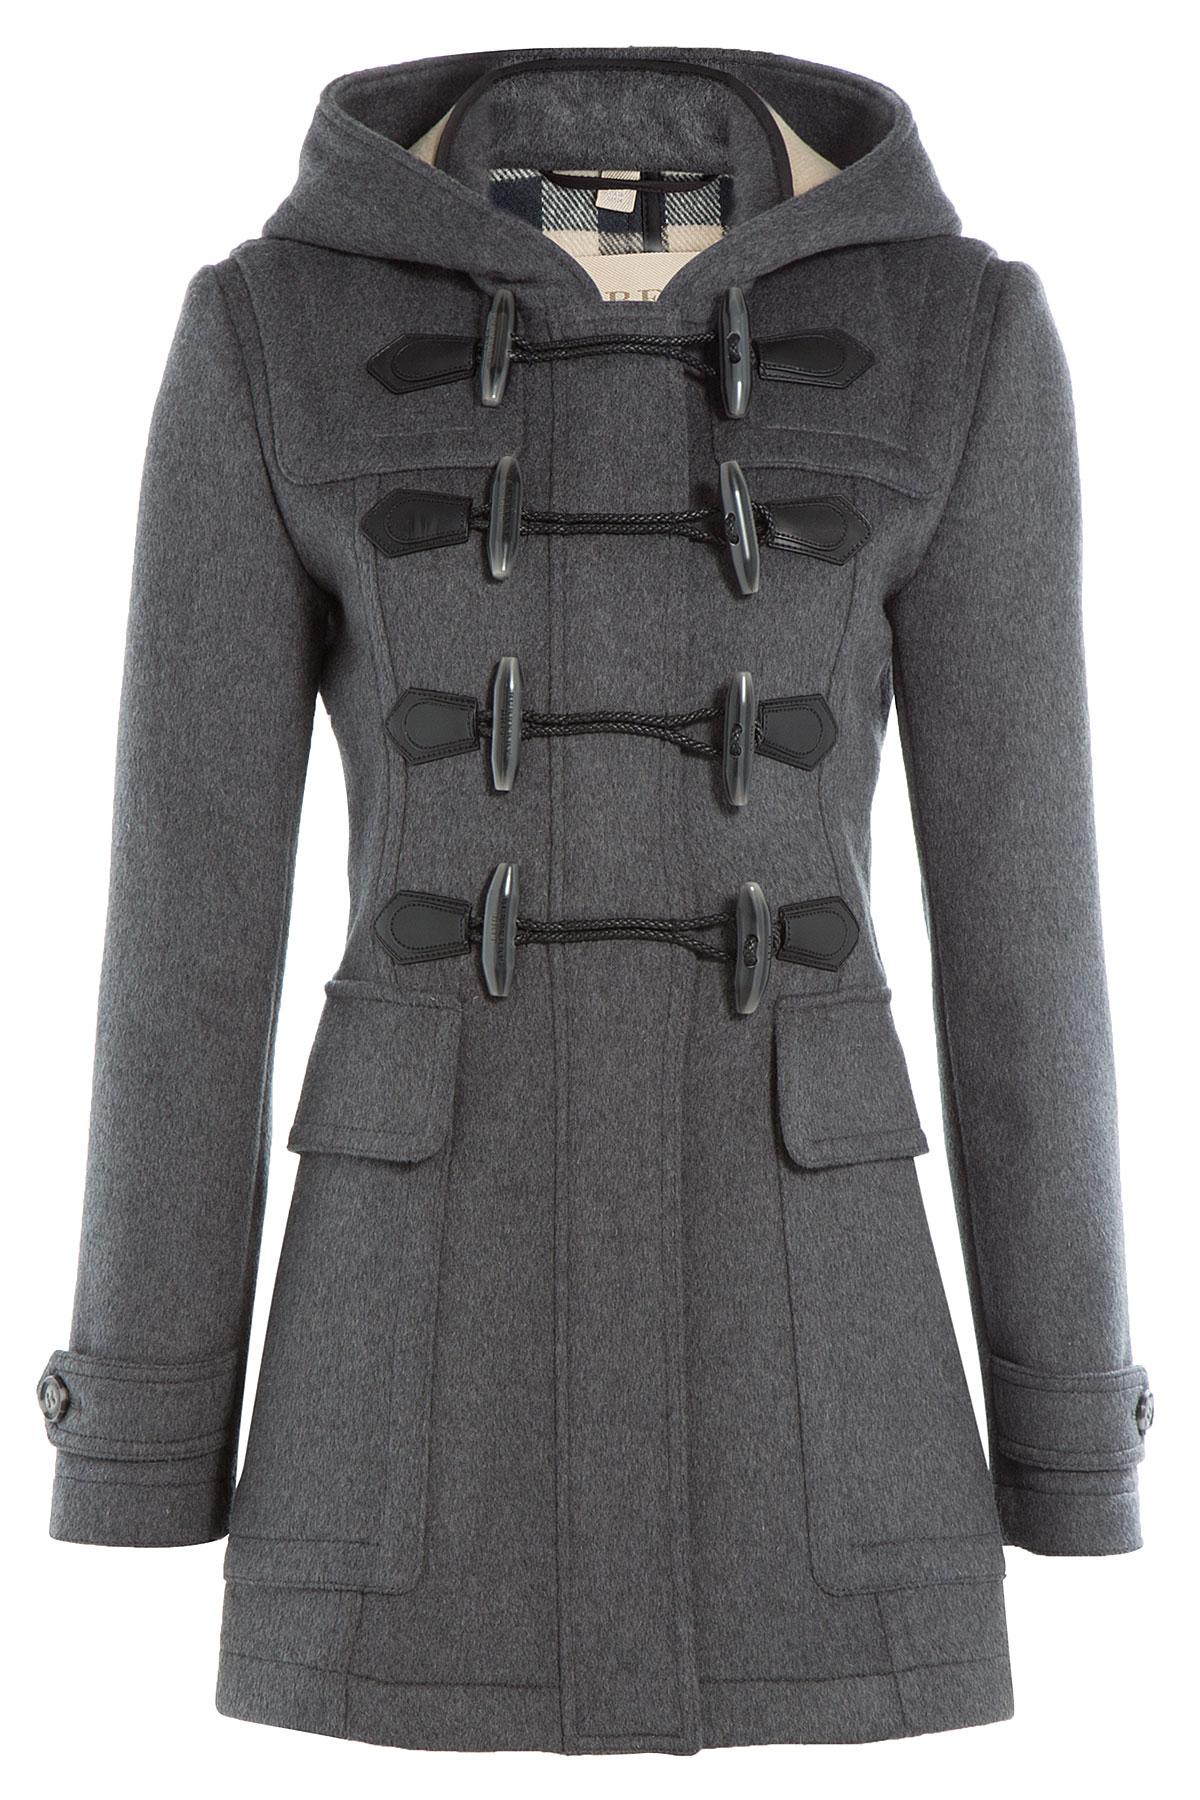 Womens grey duffle coat